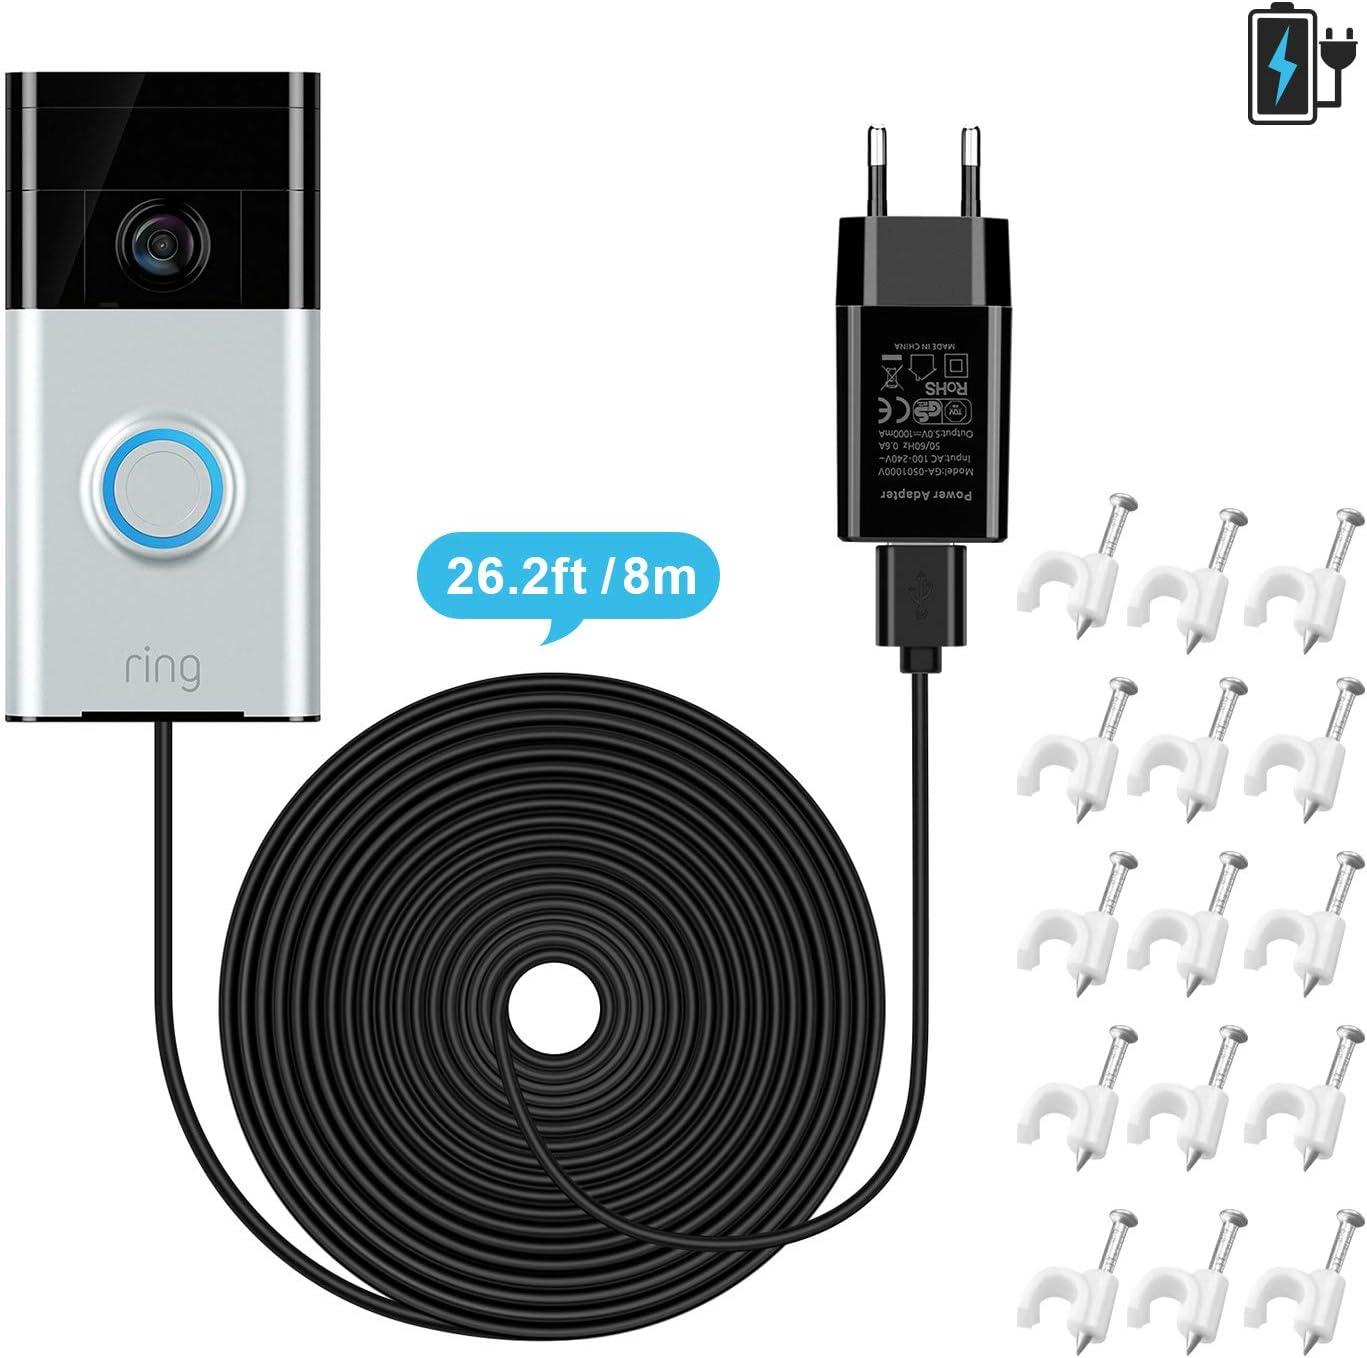 solo para Ring Doorbell 1 cable resistente a la intemperie para cargar continuamente sin necesidad de cambiar las bater/ías Cable de carga OLAIKE de 26 ft // 8 m con adaptador de corriente continua